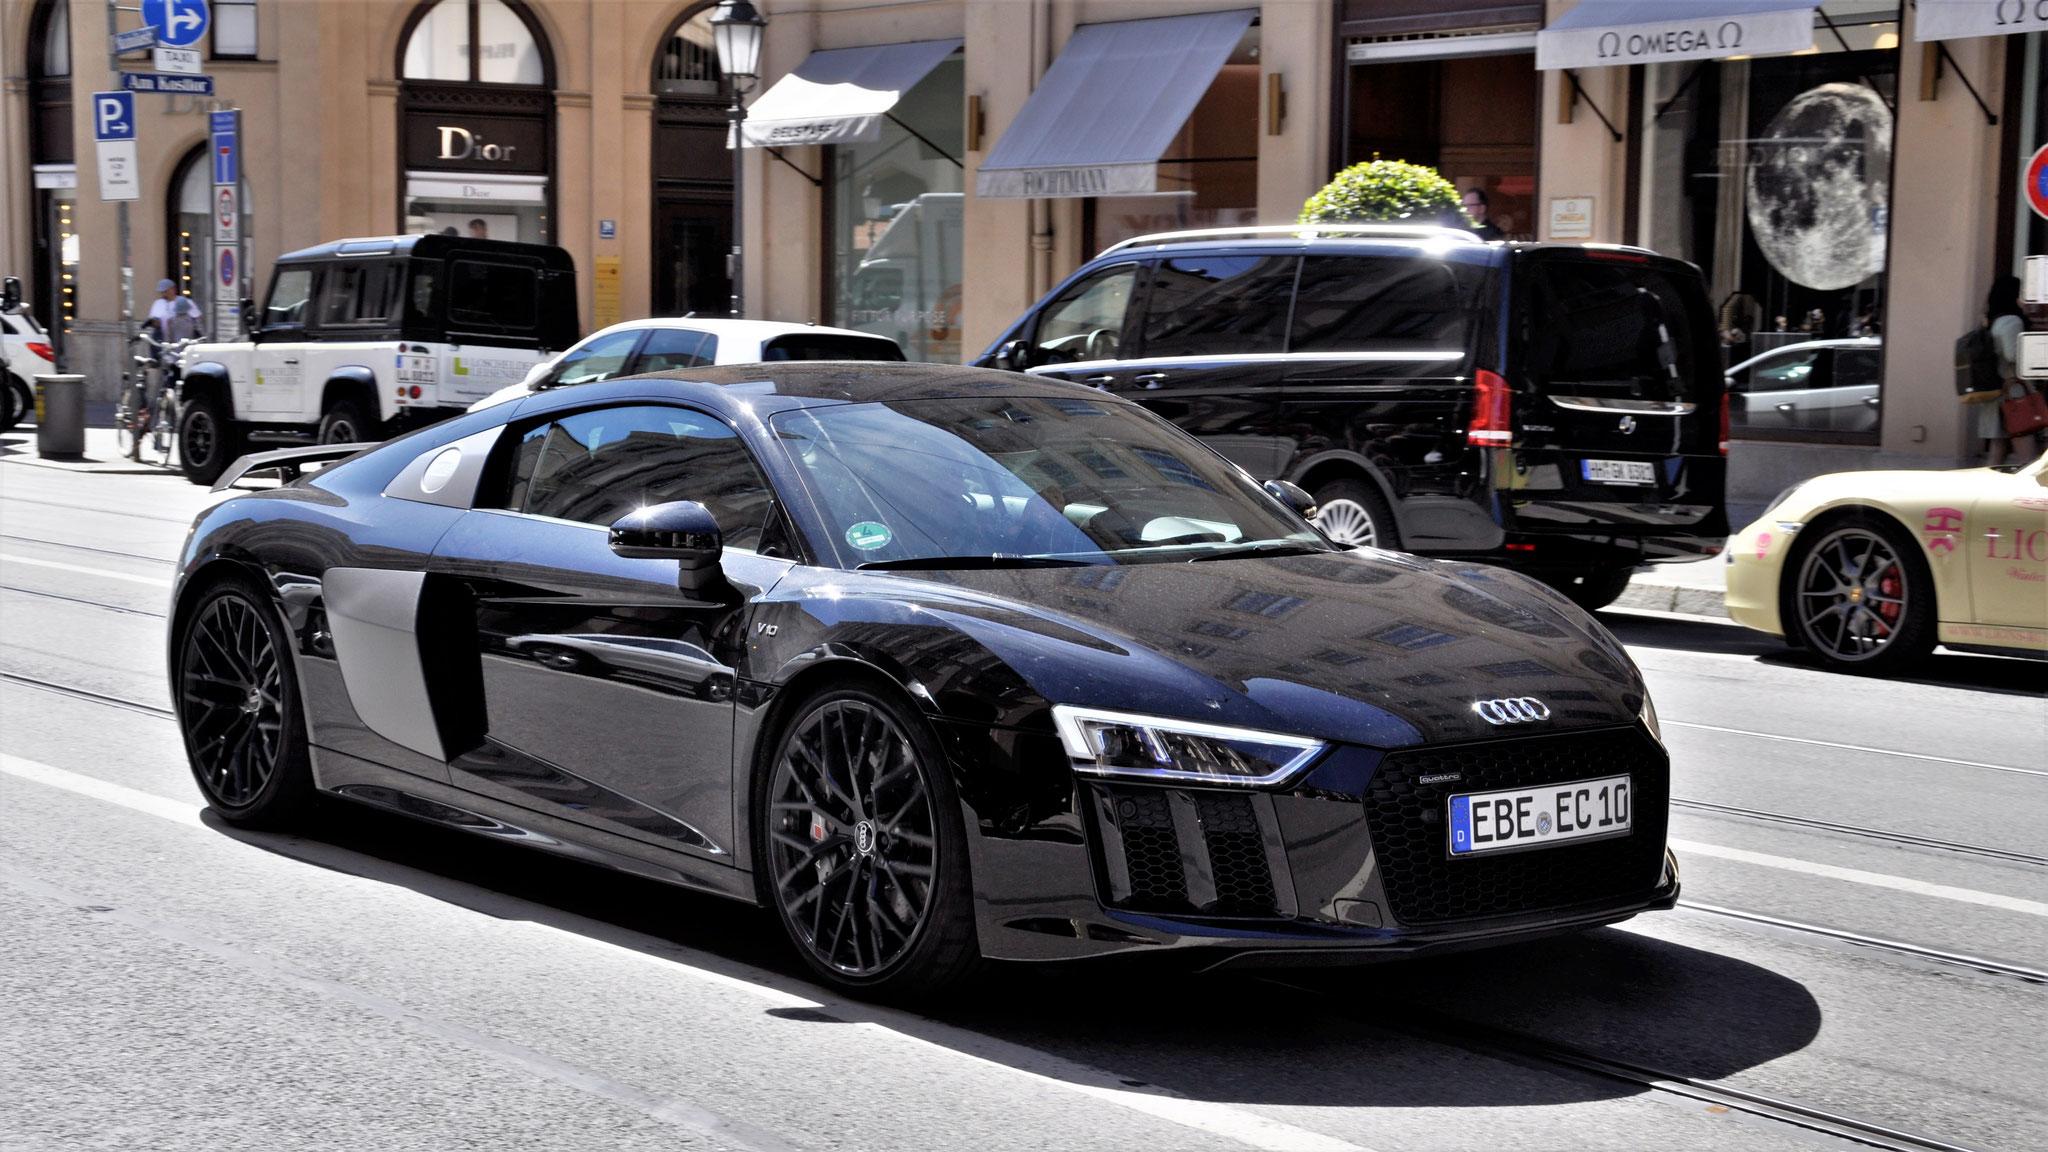 Audi R8 V10 - EBE-EC-10